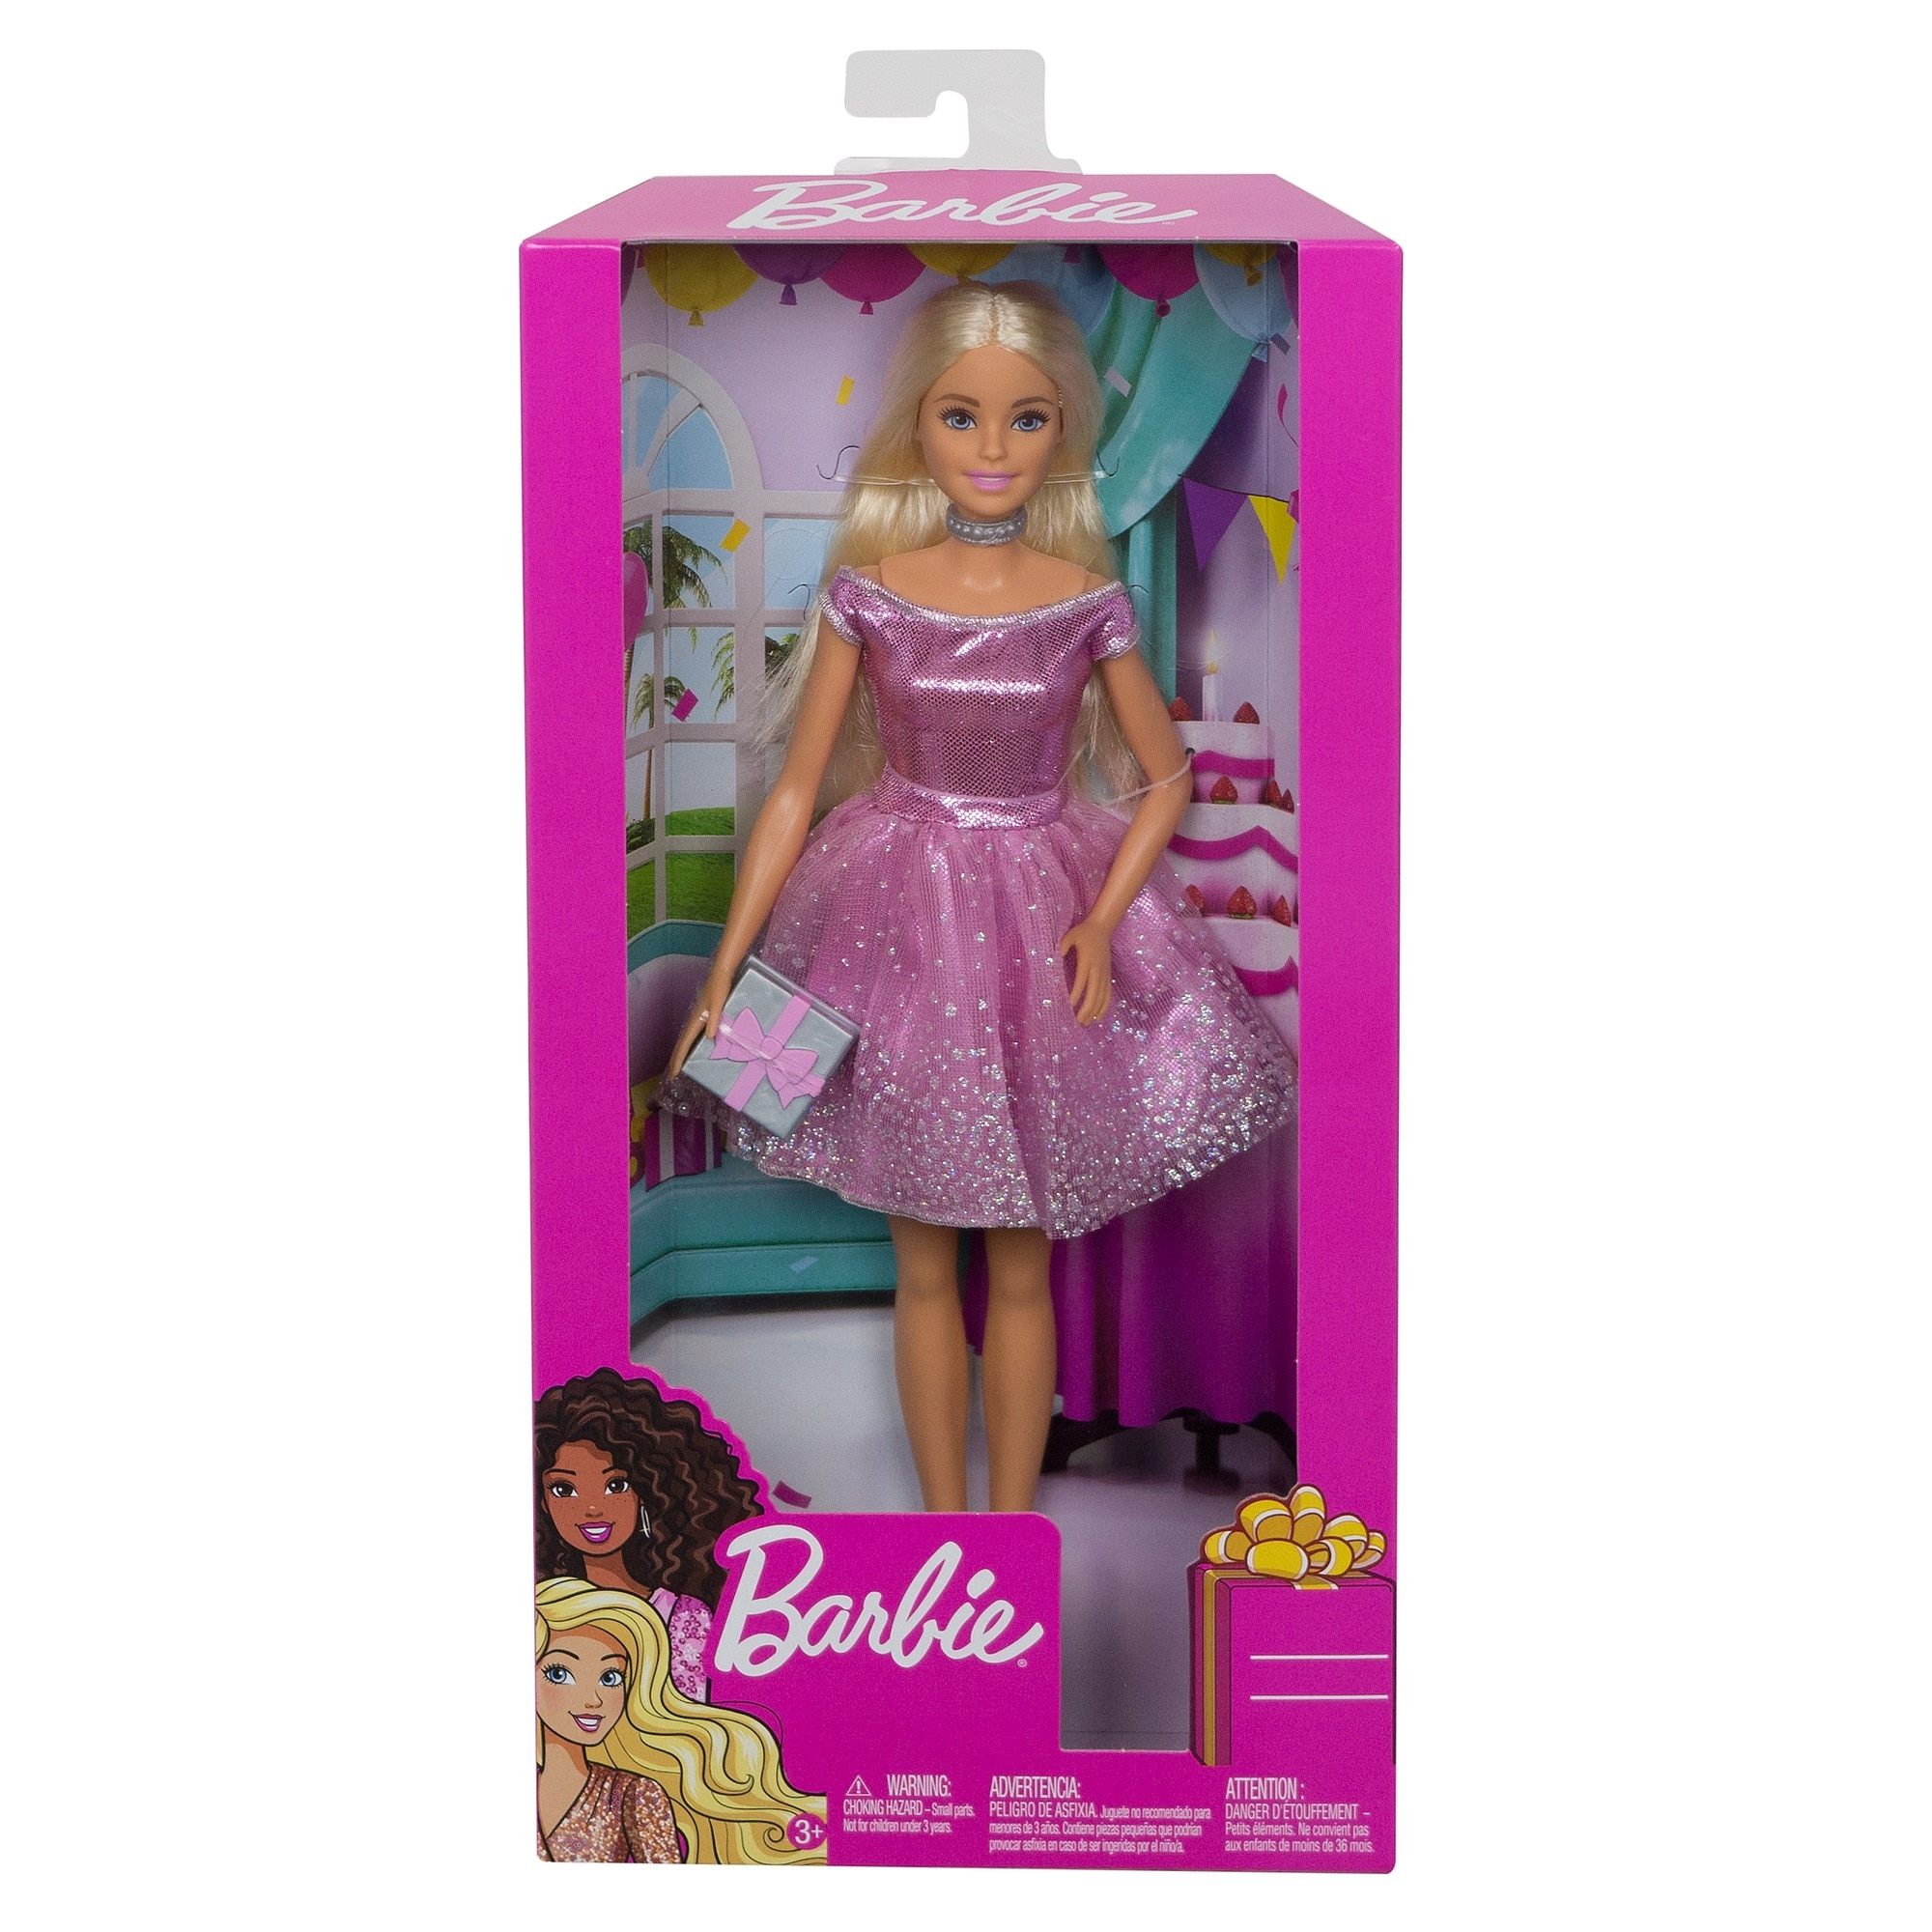 Fotografie Papusa Barbie - La multi ani!